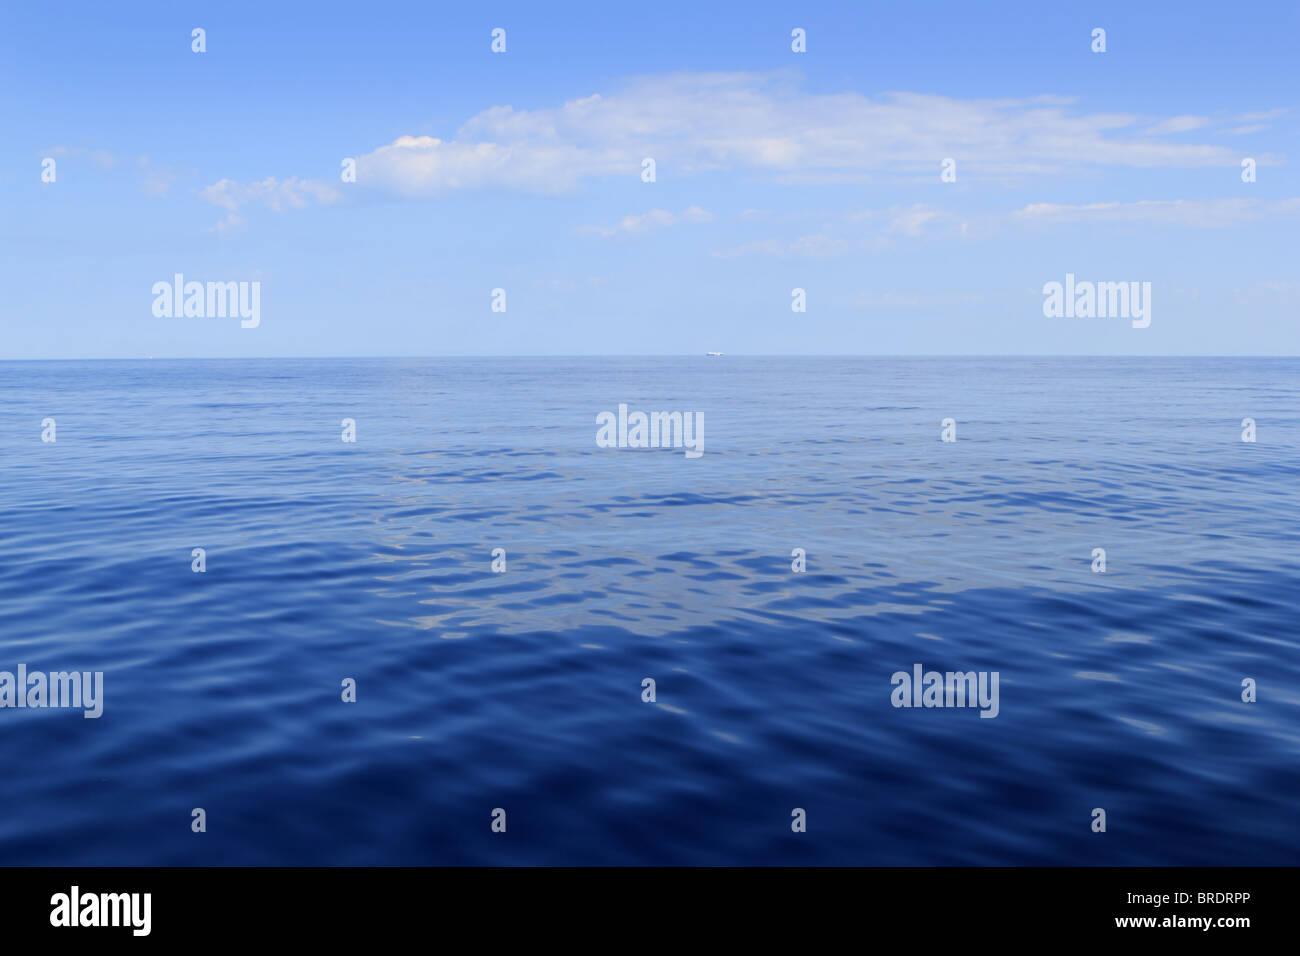 Mare blu oceano orizzonte perfetto nella calma della giornata di sole mediterraneo Immagini Stock